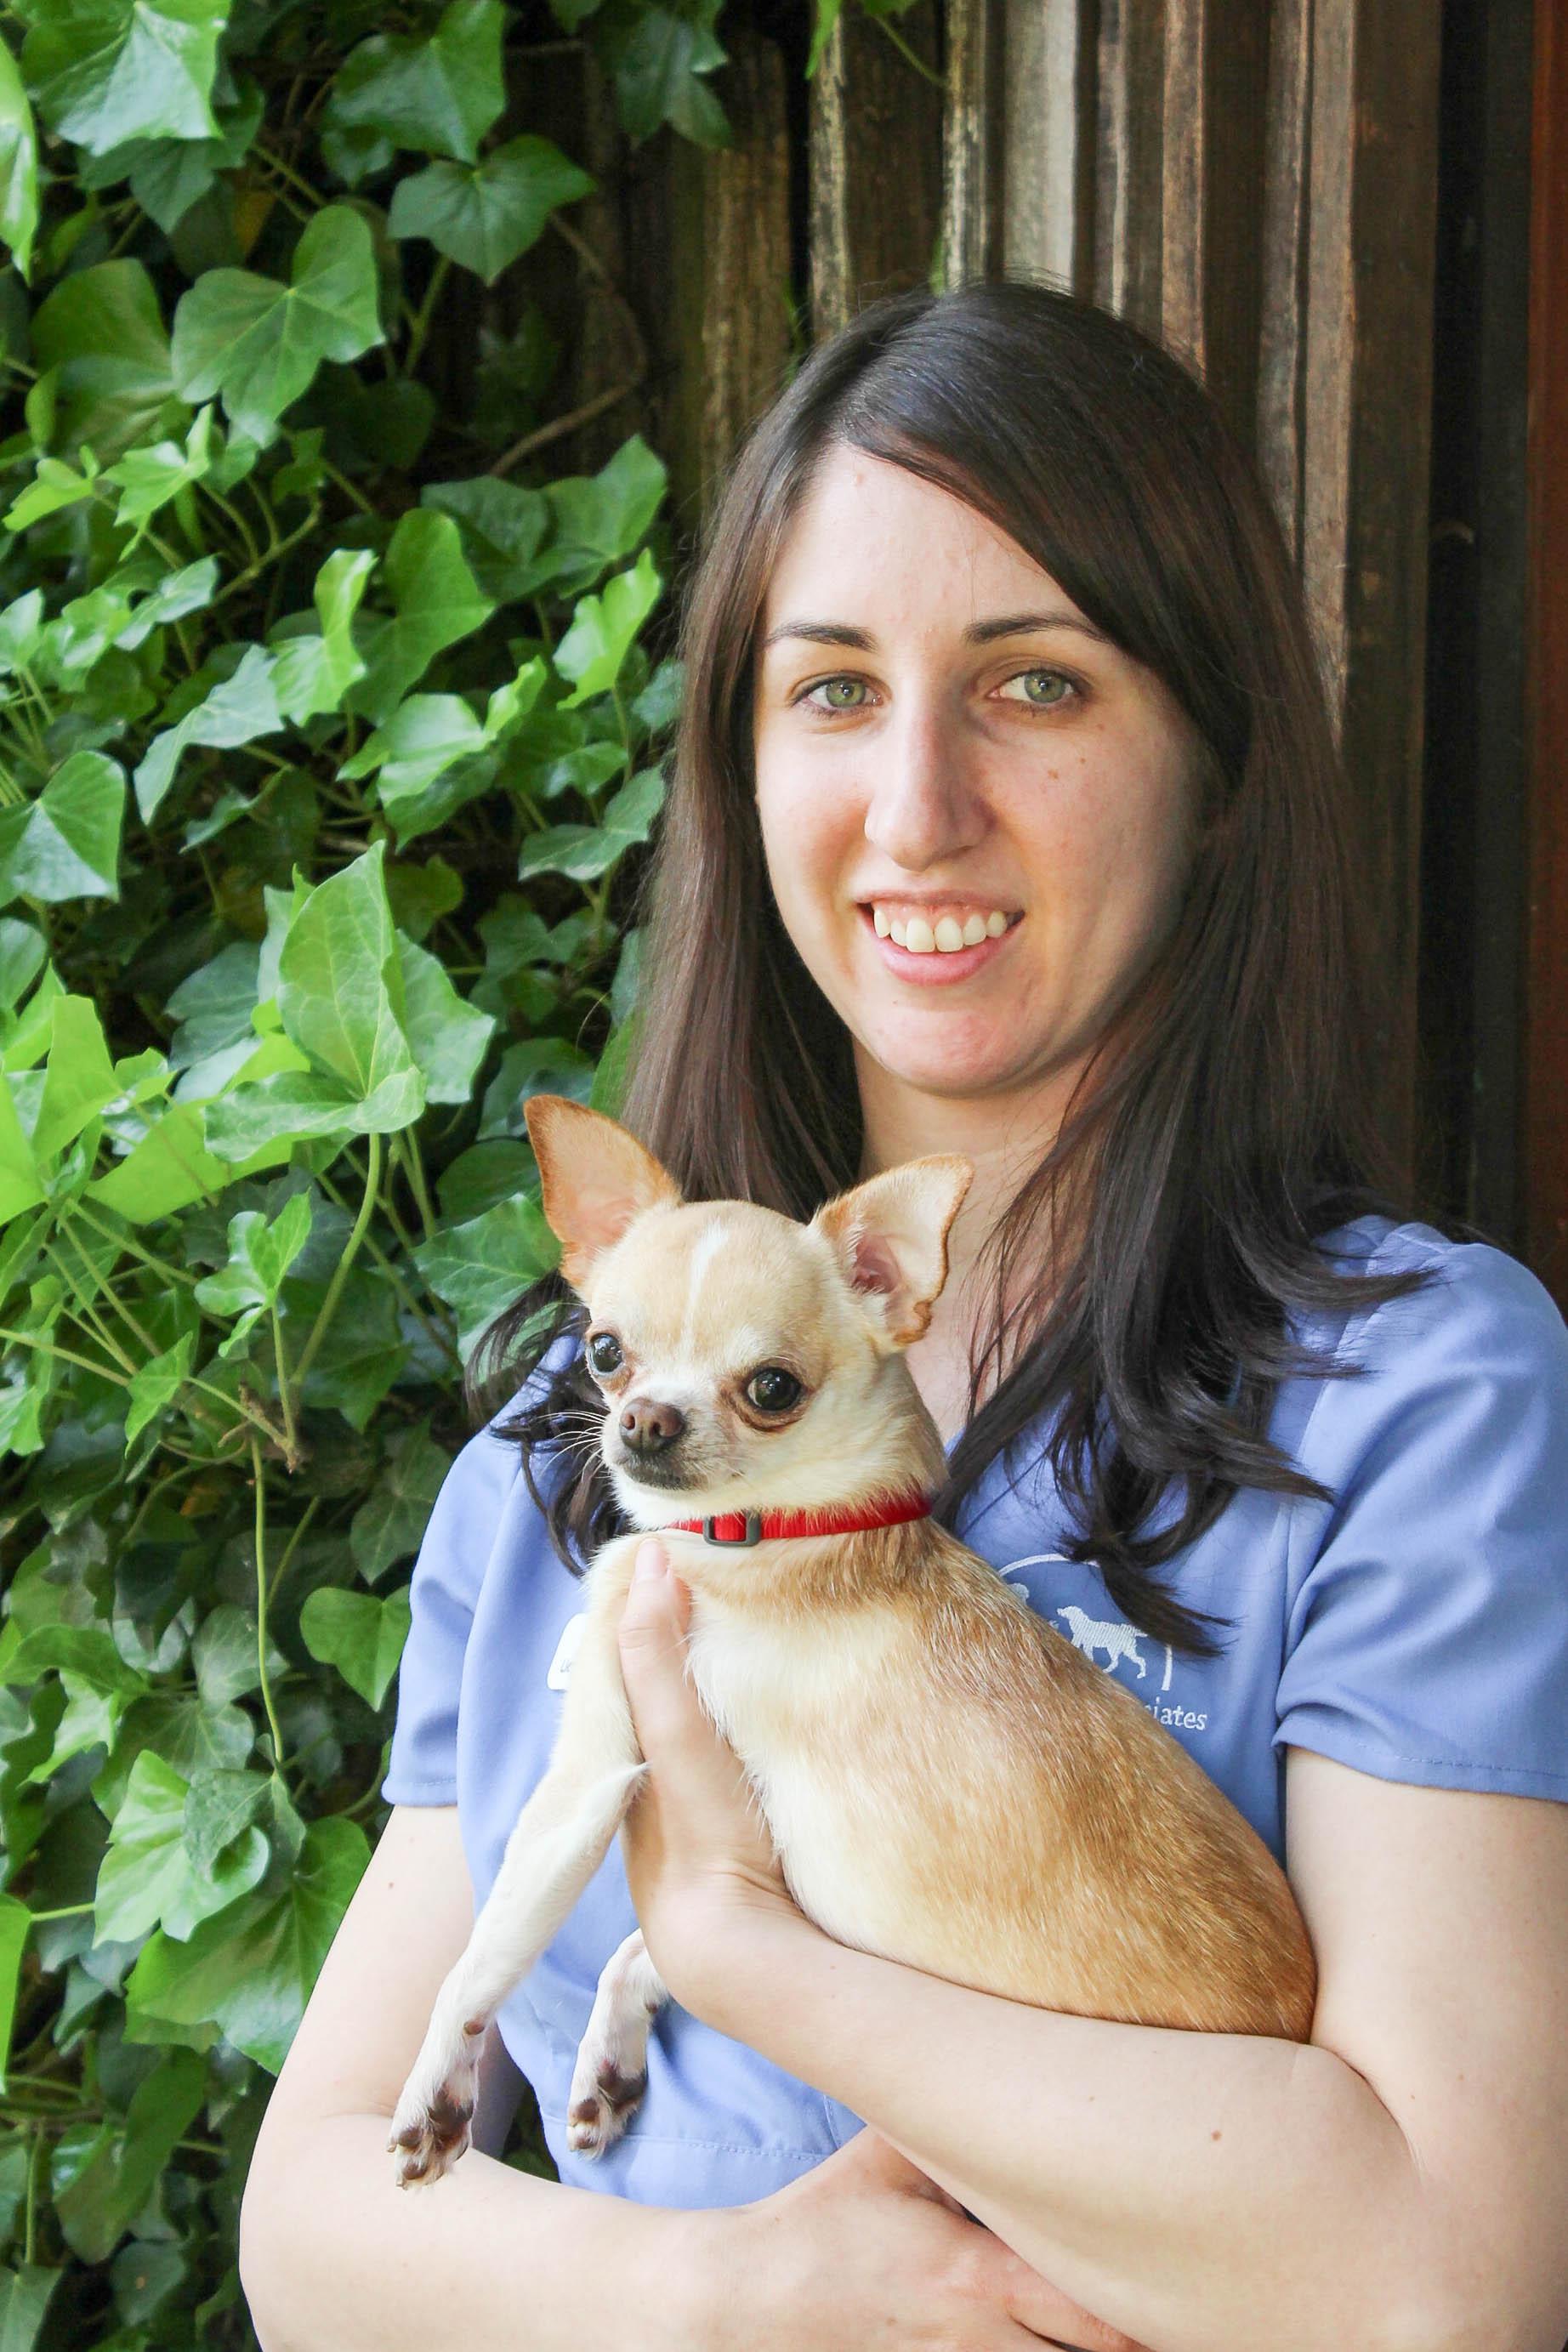 Leslie H. - Ravenna Animal Hospital